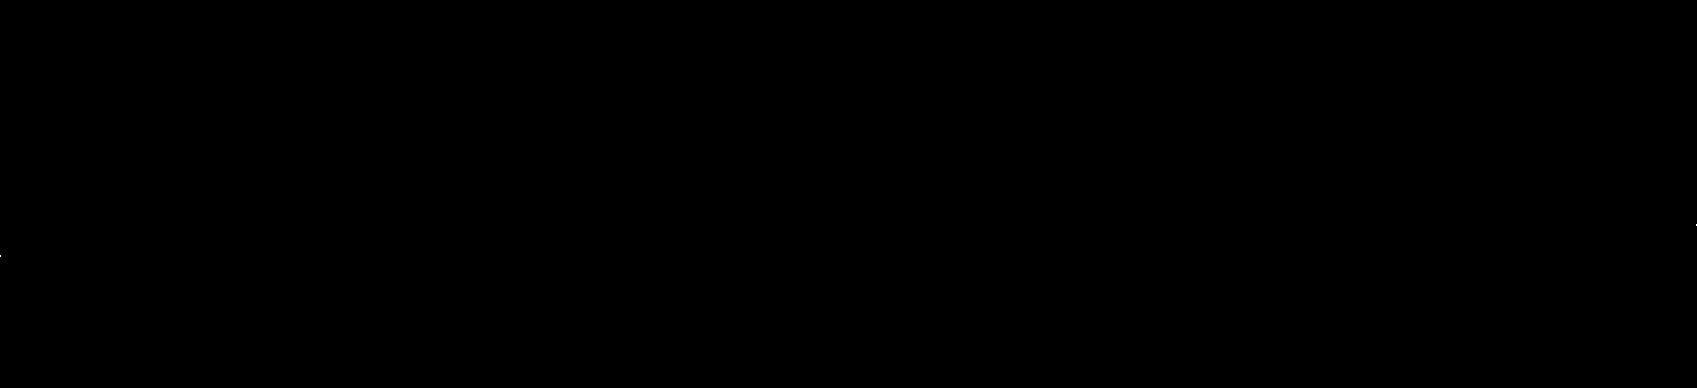 СПРУТ-ОКП планирование производства Экономика отчет по калькуляции 07